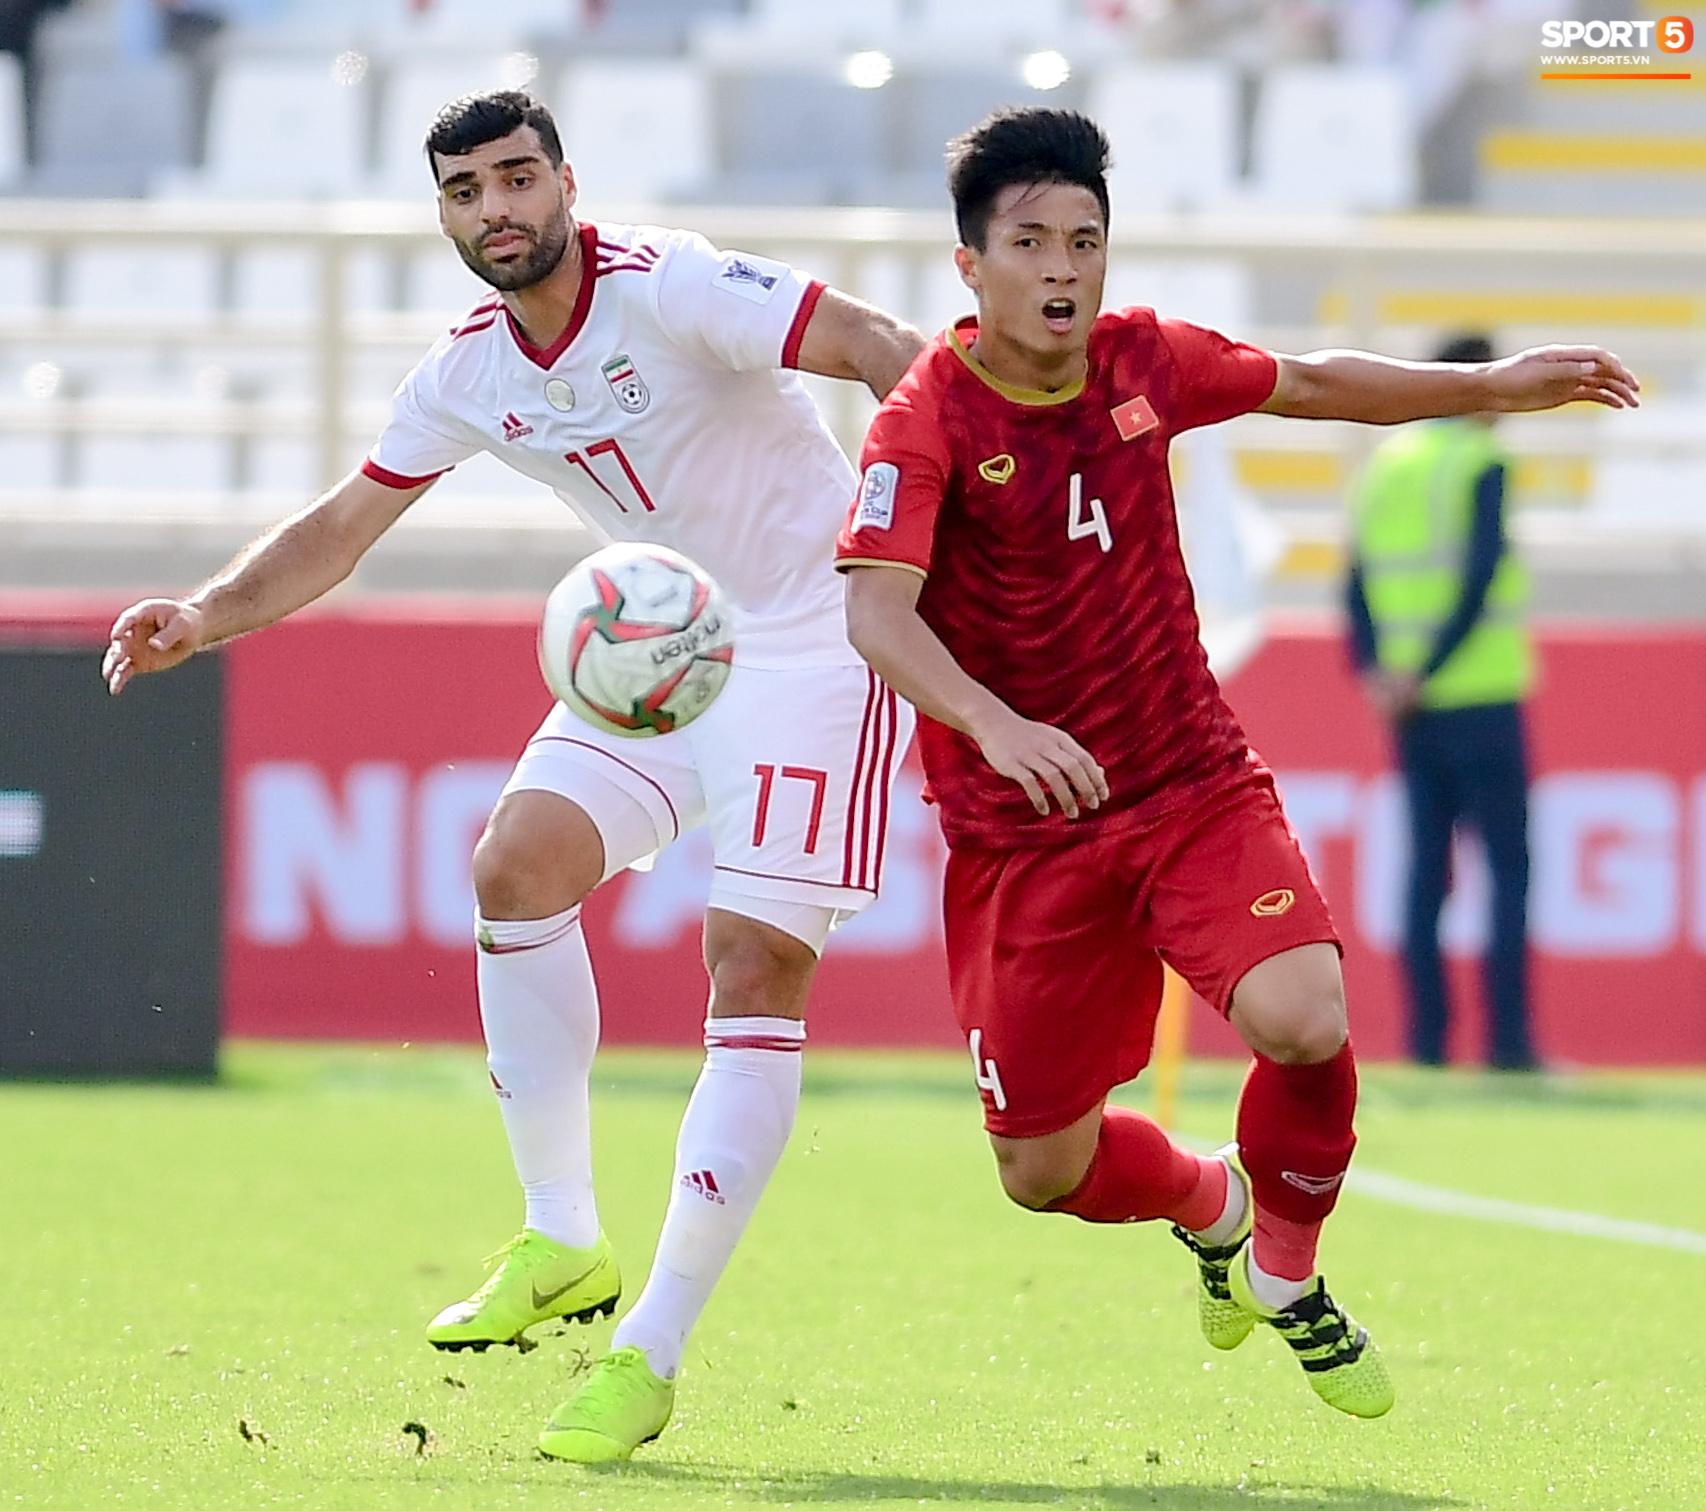 Tổng quan về 4 đội bóng mạnh nhất có thể nằm chung bảng với đội tuyển Việt Nam tại vòng loại thứ 3 World Cup 2022 - Ảnh 3.